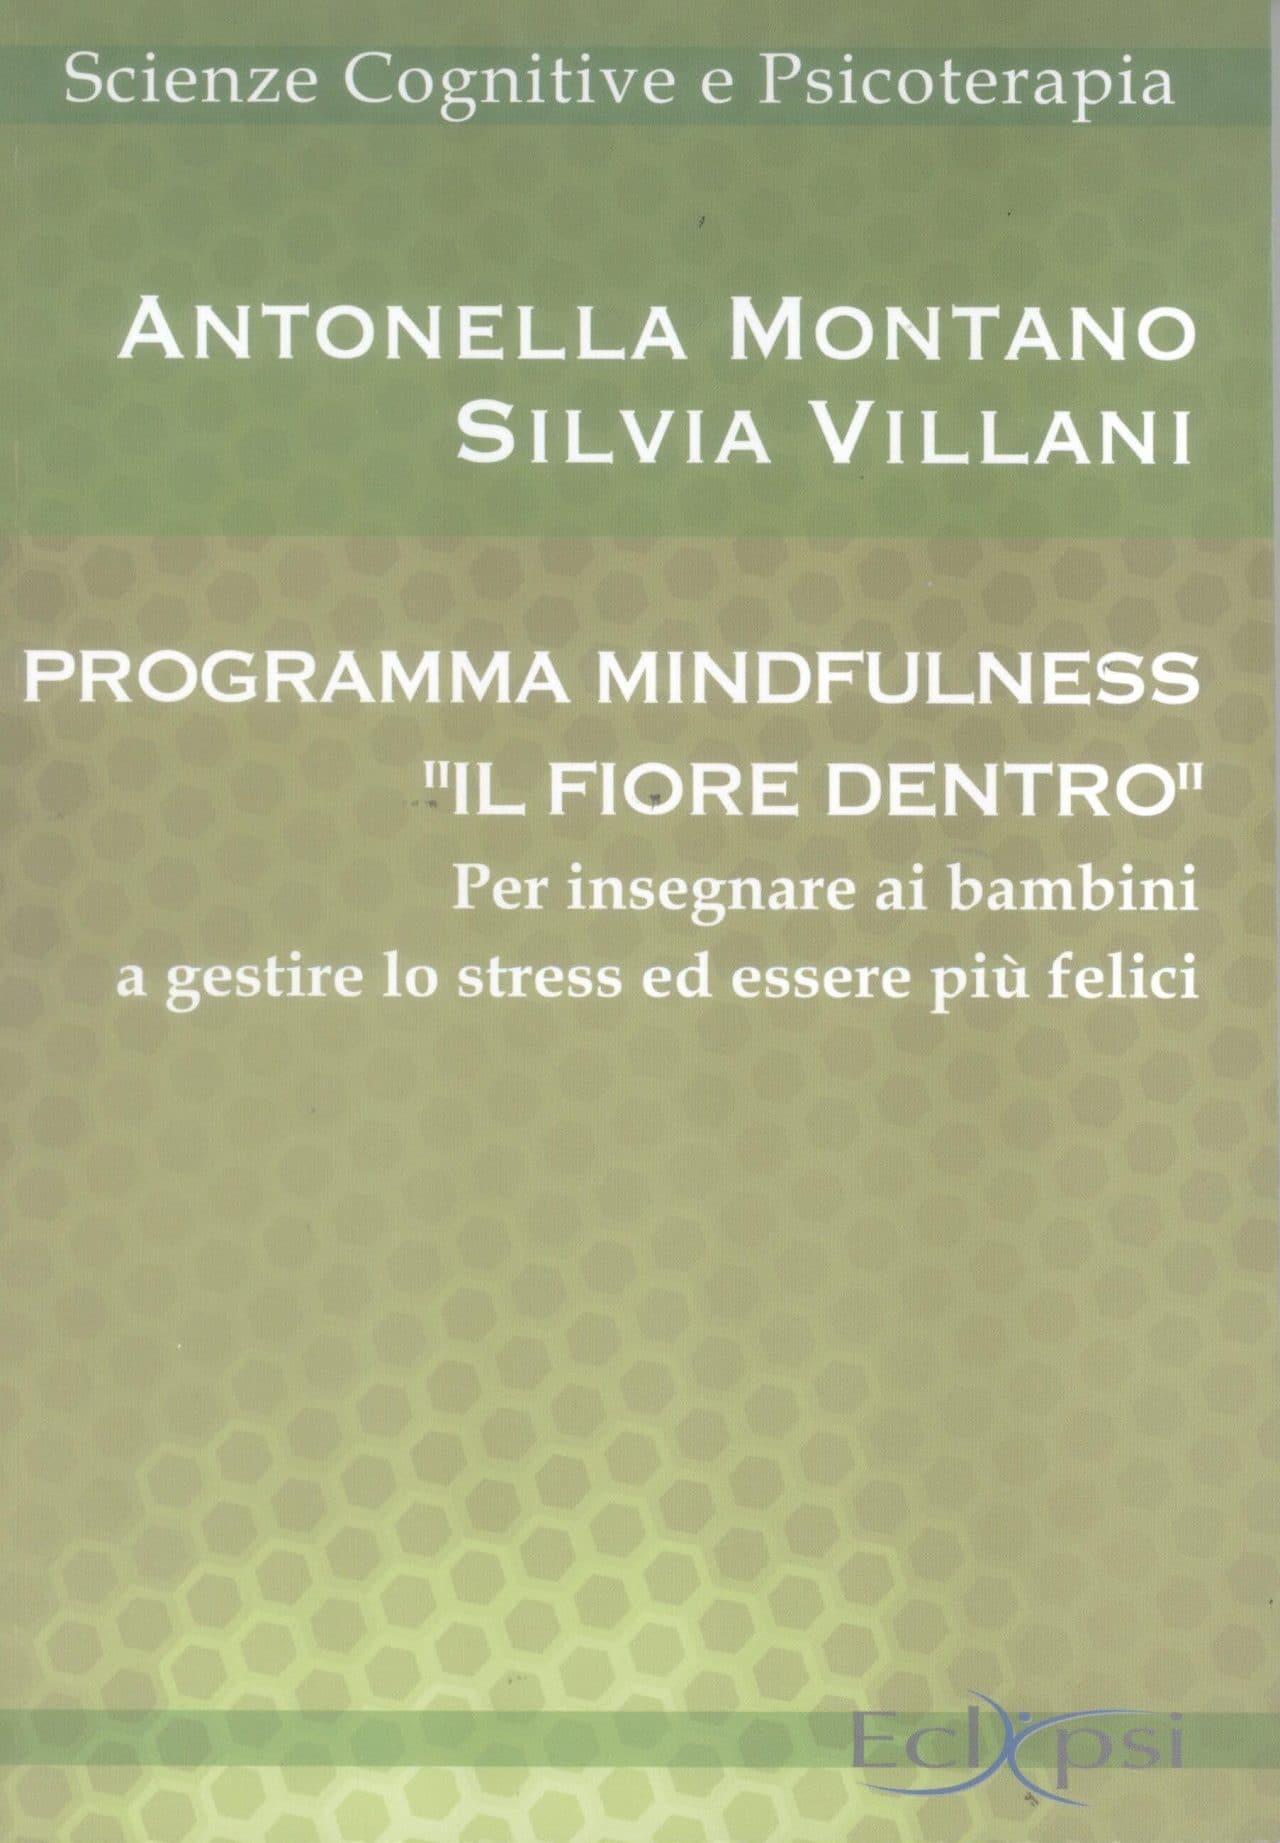 """PROGRAMMA MINDFULNESS """"IL FIORE DENTRO"""", Per Insegnare Ai Bambini A Gestire Lo Stress Ed Essere Più Felici"""